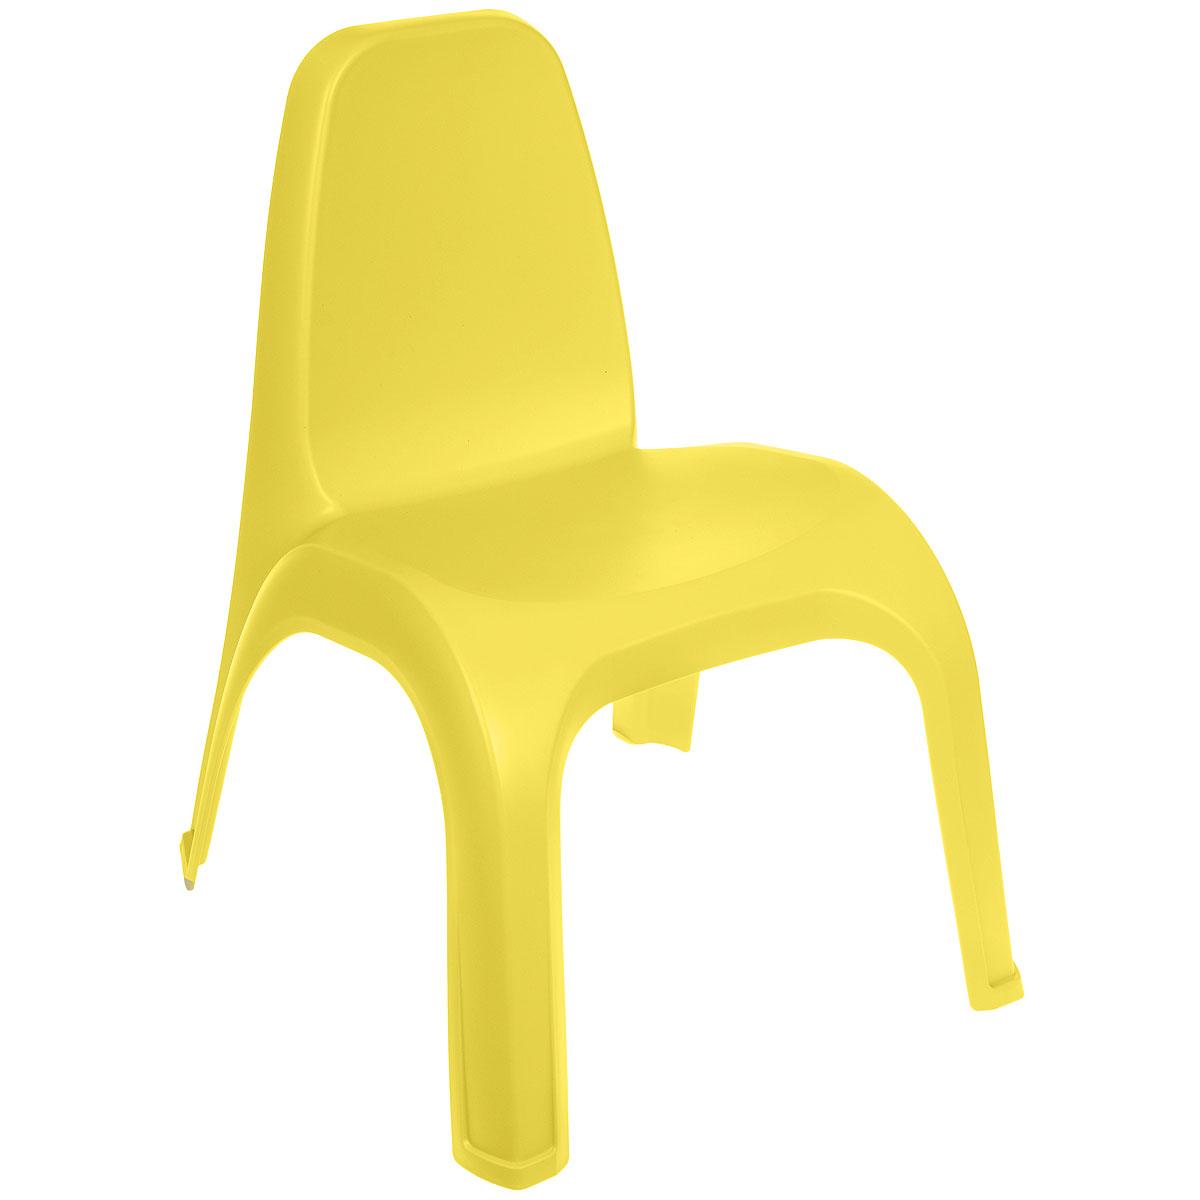 Стульчик детский Пластишка, цвет: желтый. С13601С13601_желтыйДетский стульчик Пластишка желтого цвета станет незаменимым аксессуаром для игр ребенка как в помещении, так и на открытом воздухе. Легкий, но очень прочный стульчик эргономичной формы обеспечивает удобство и комфорт ребенку. Изделие имеет устойчивую конструкцию и безопасные закругленные углы. Теперь у вашего ребенка будет отдельный стул, который идеально подойдет ему по размеру. Не содержит бисфенол А.